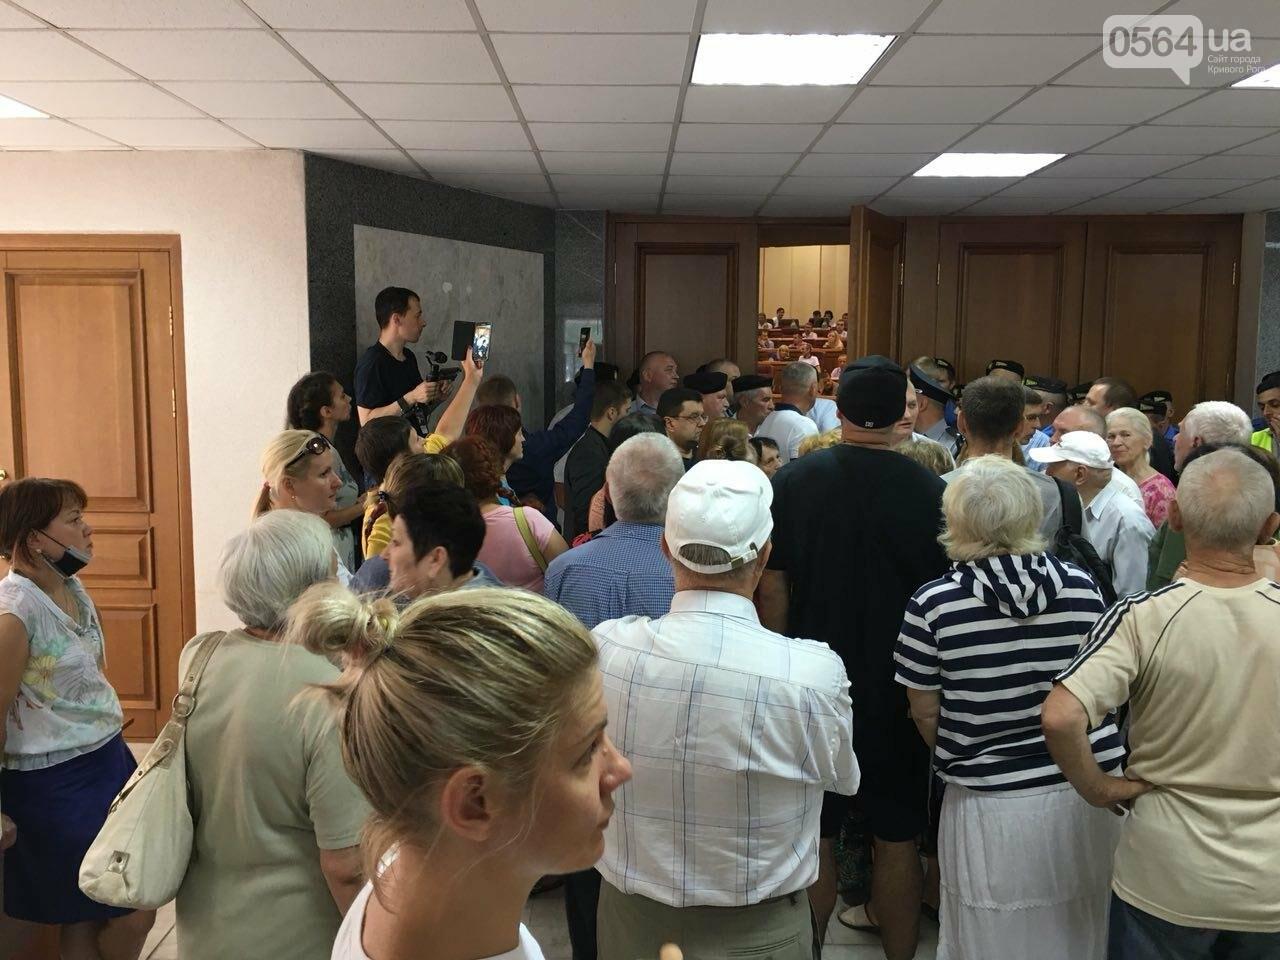 Криворожские депутаты написали заявления об уголовном преступлении в стенах горсовета, - ФОТО, фото-5